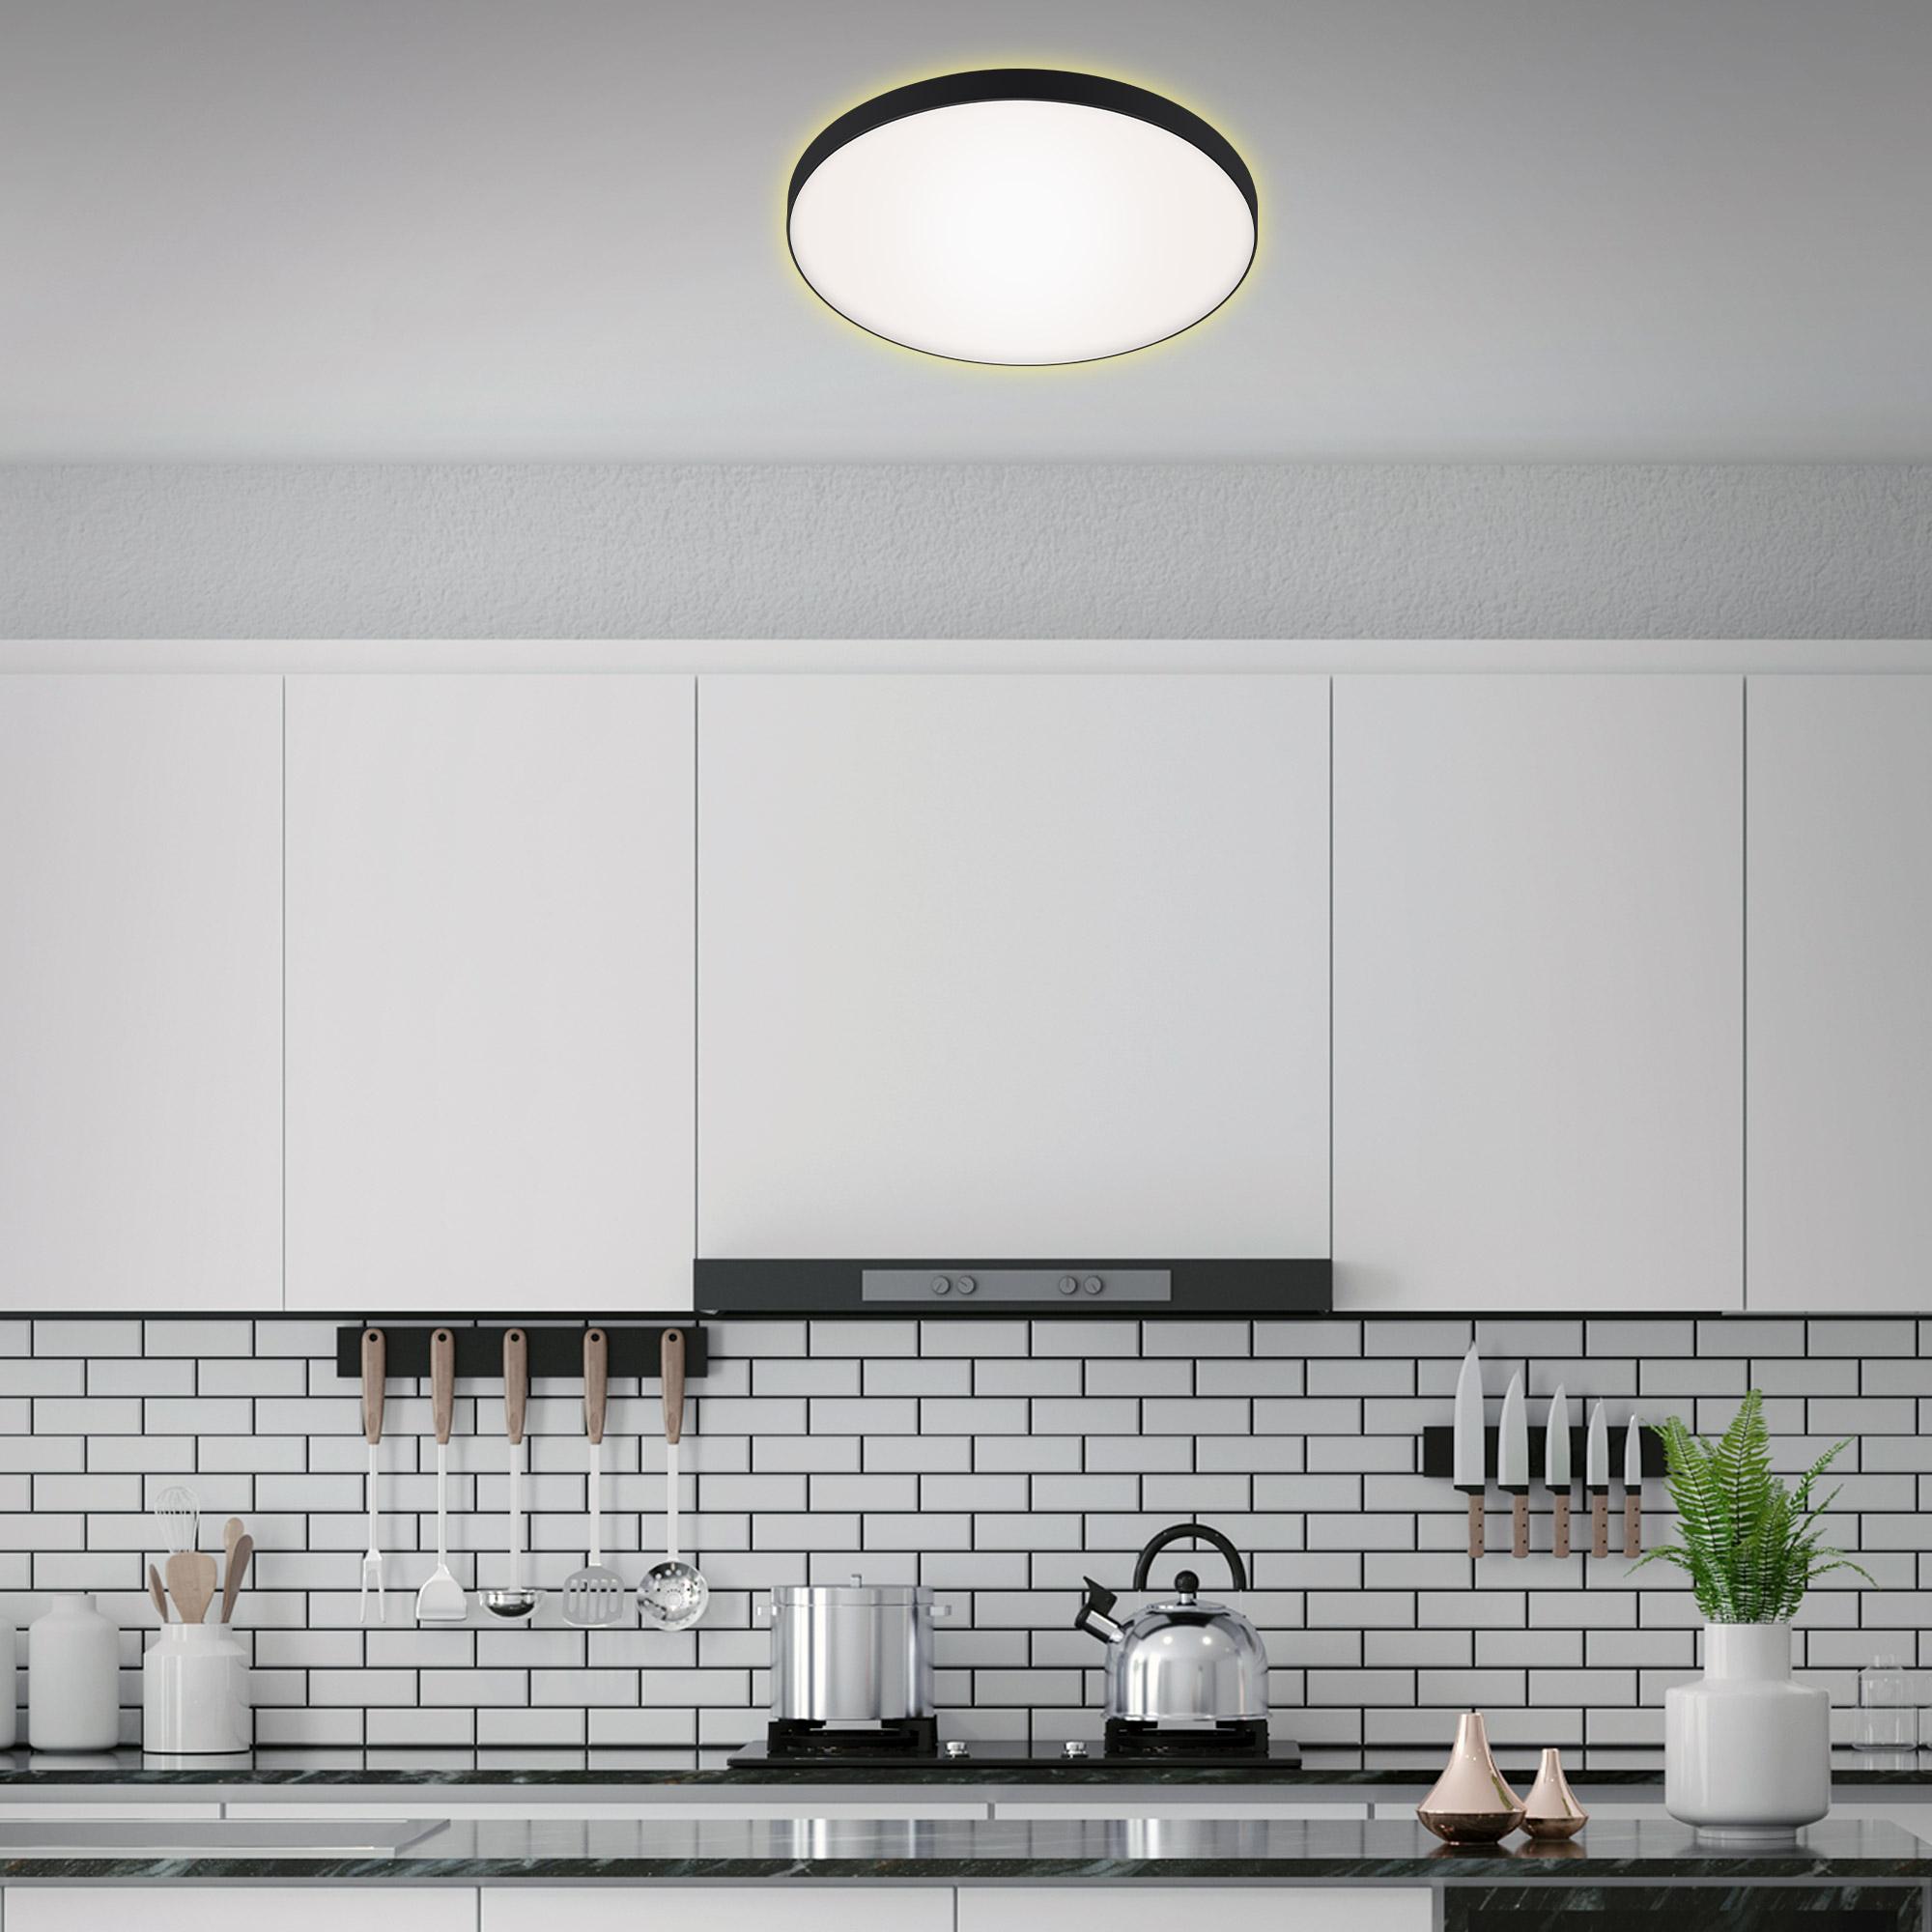 LED Deckenleuchte, Ø 35,5 cm, 18 W, Schwarz-Weiß